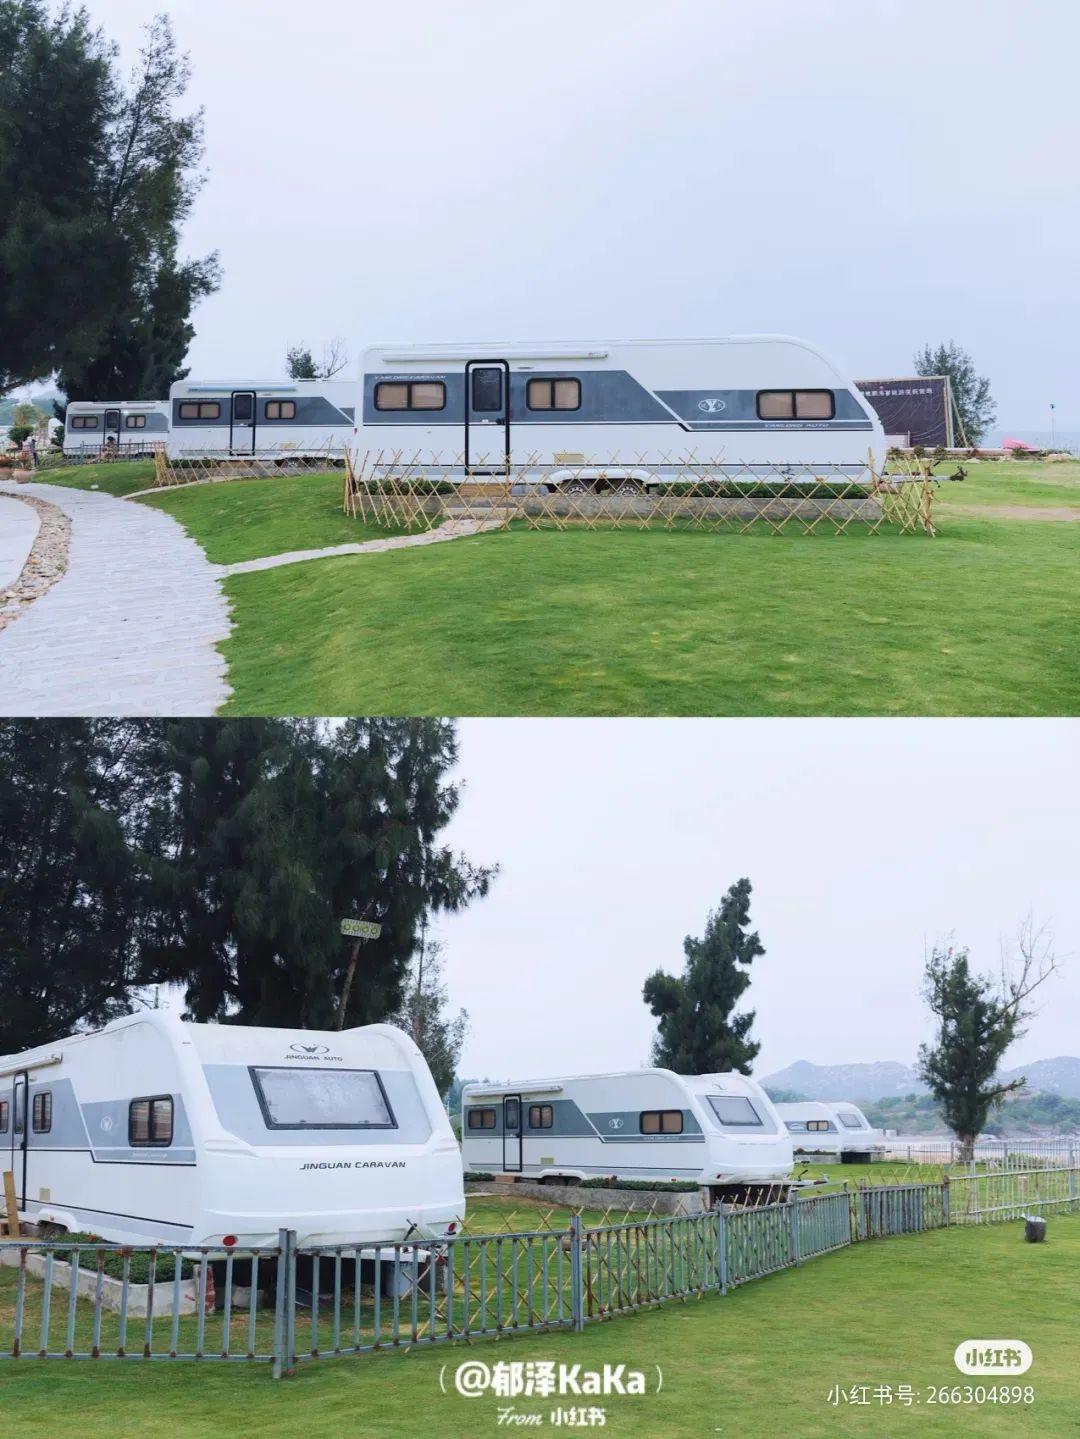 陆丰浅澳沙滩区的房车营地 背靠大海非常美 汕尾吃喝玩乐 第6张